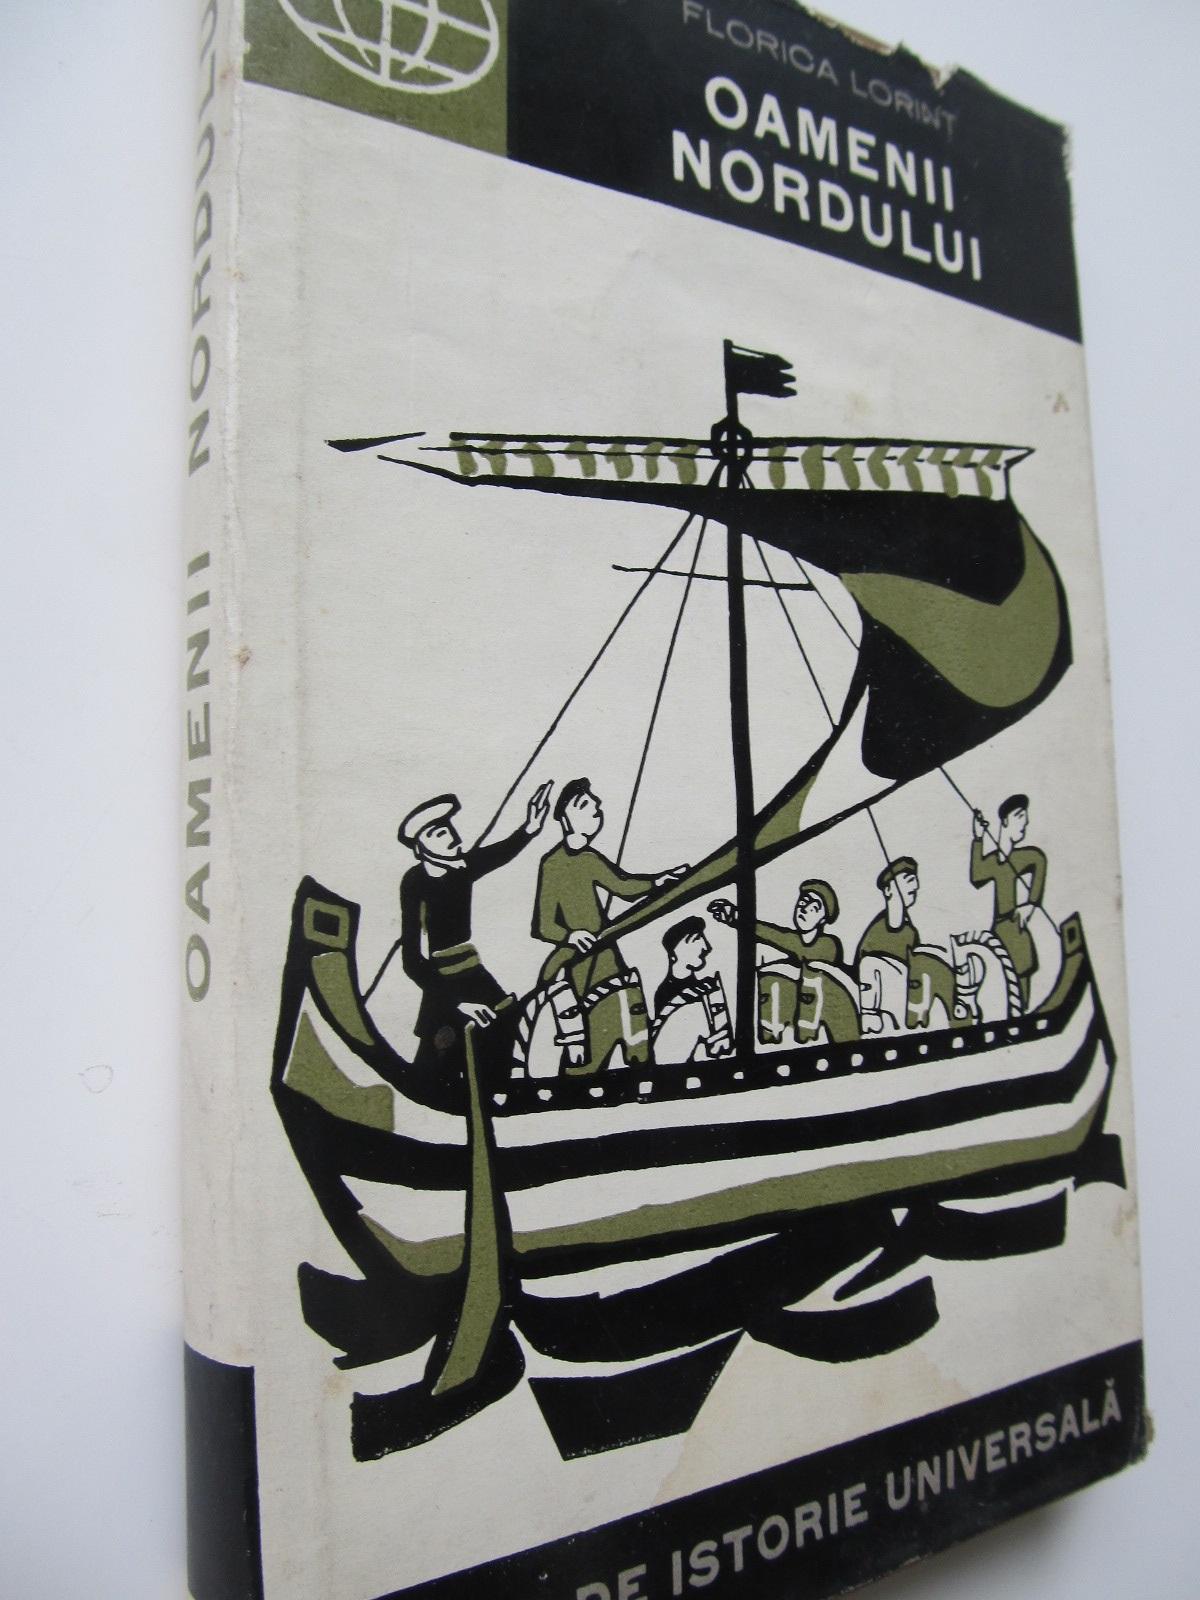 Carte Oamenii Nordului - Florica Lorint